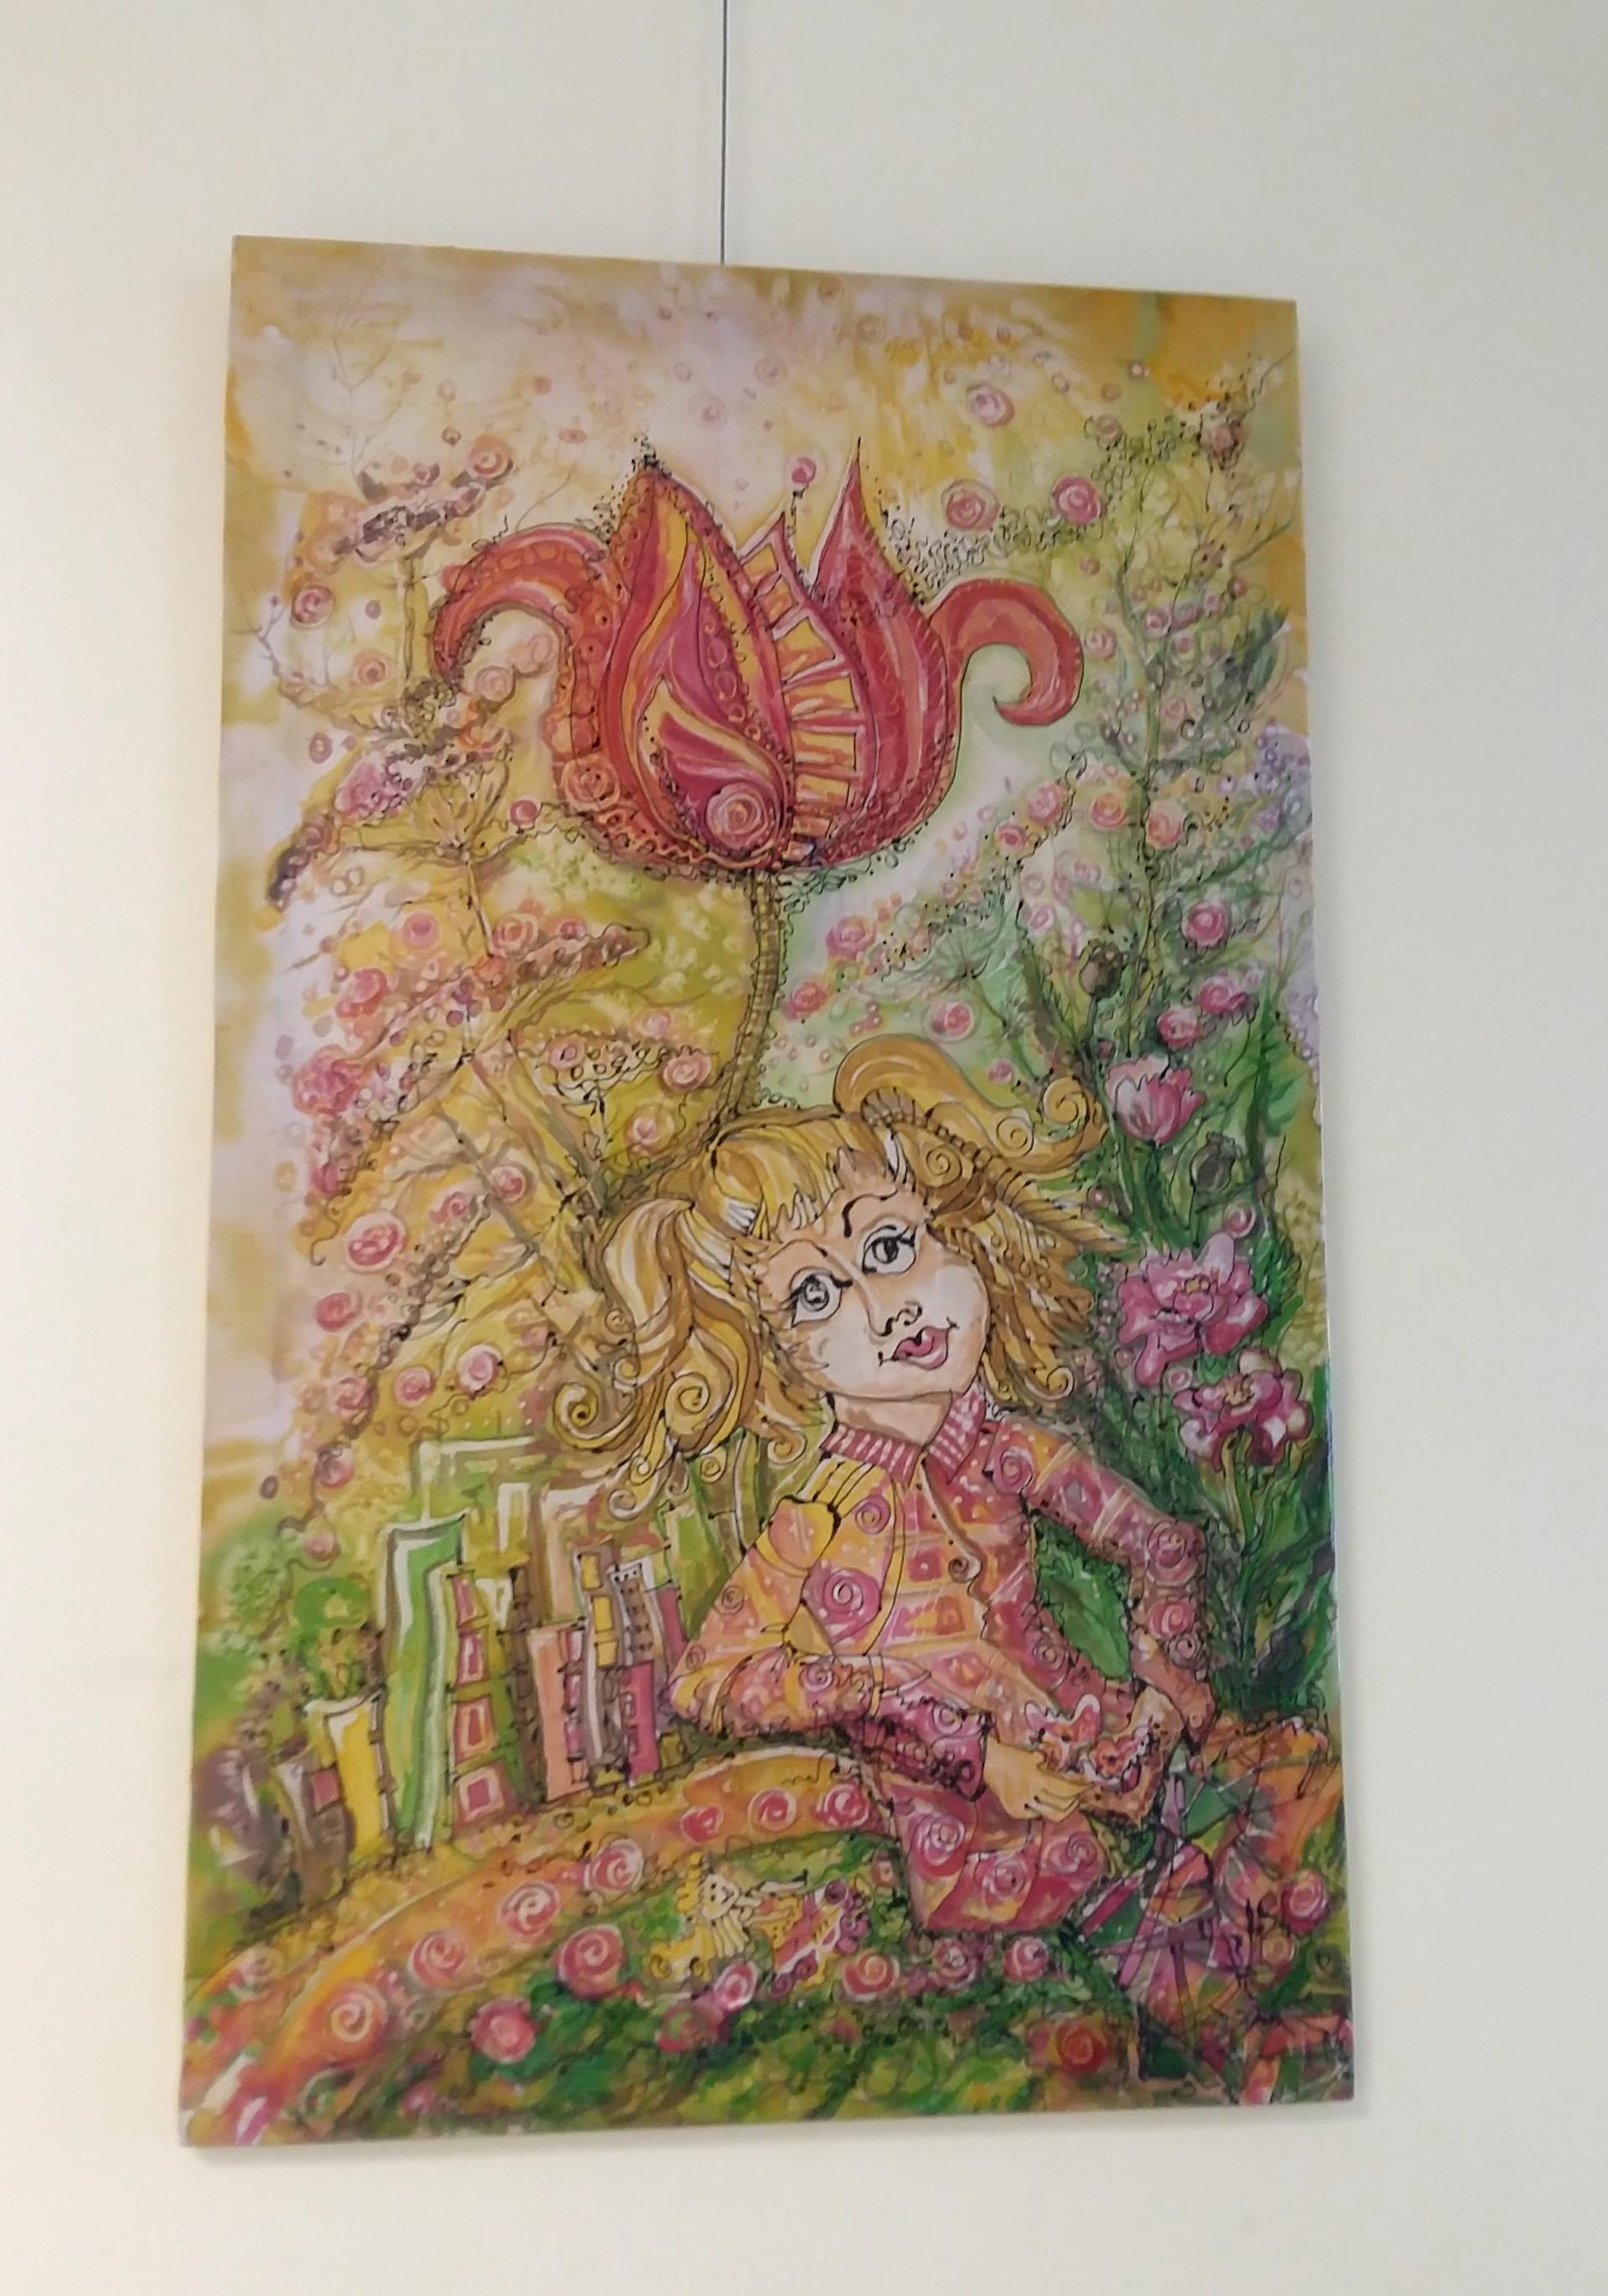 Laimos Bytautienės paveikslai. Autorės kūryboje dominuoja gėlių motyvai. A. Balčiūnienės nuotr.